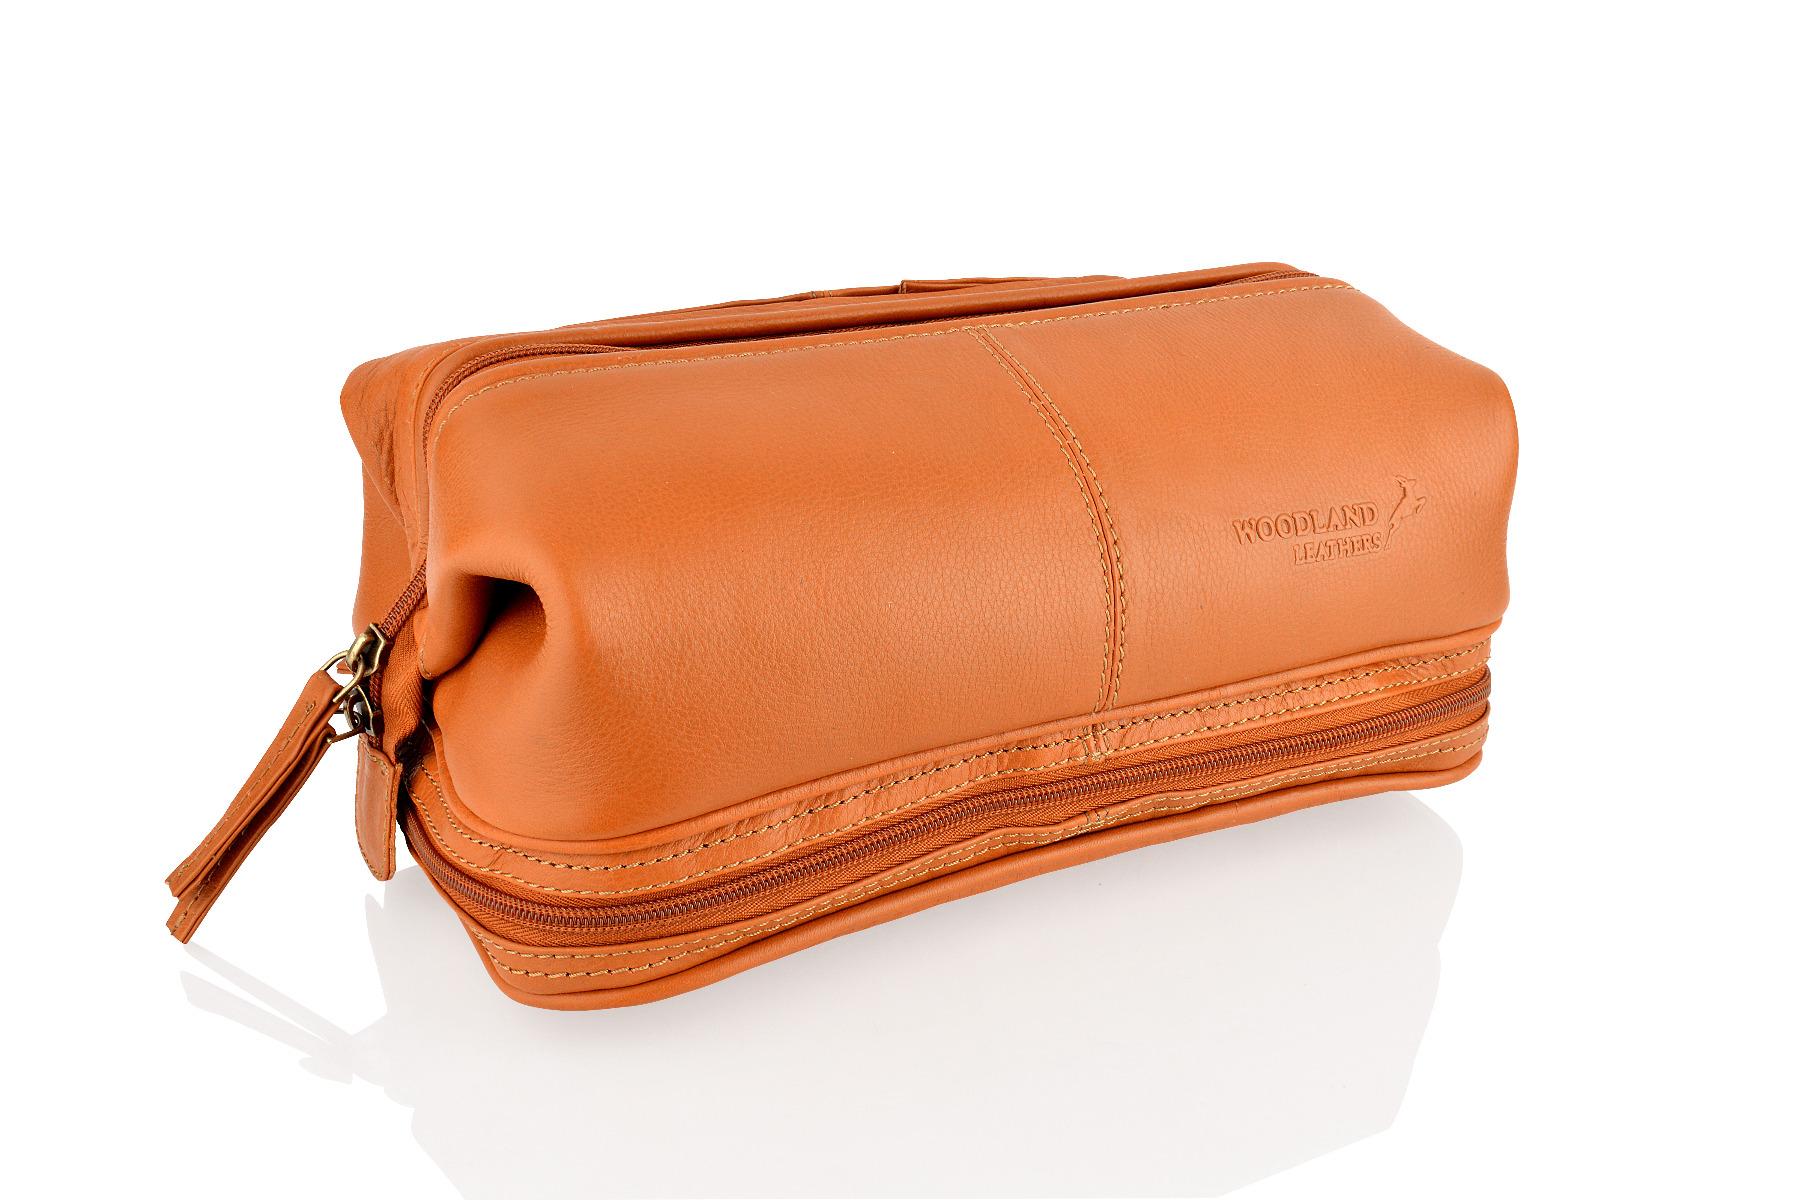 Ambassador Large Leather Wash Bag Tan